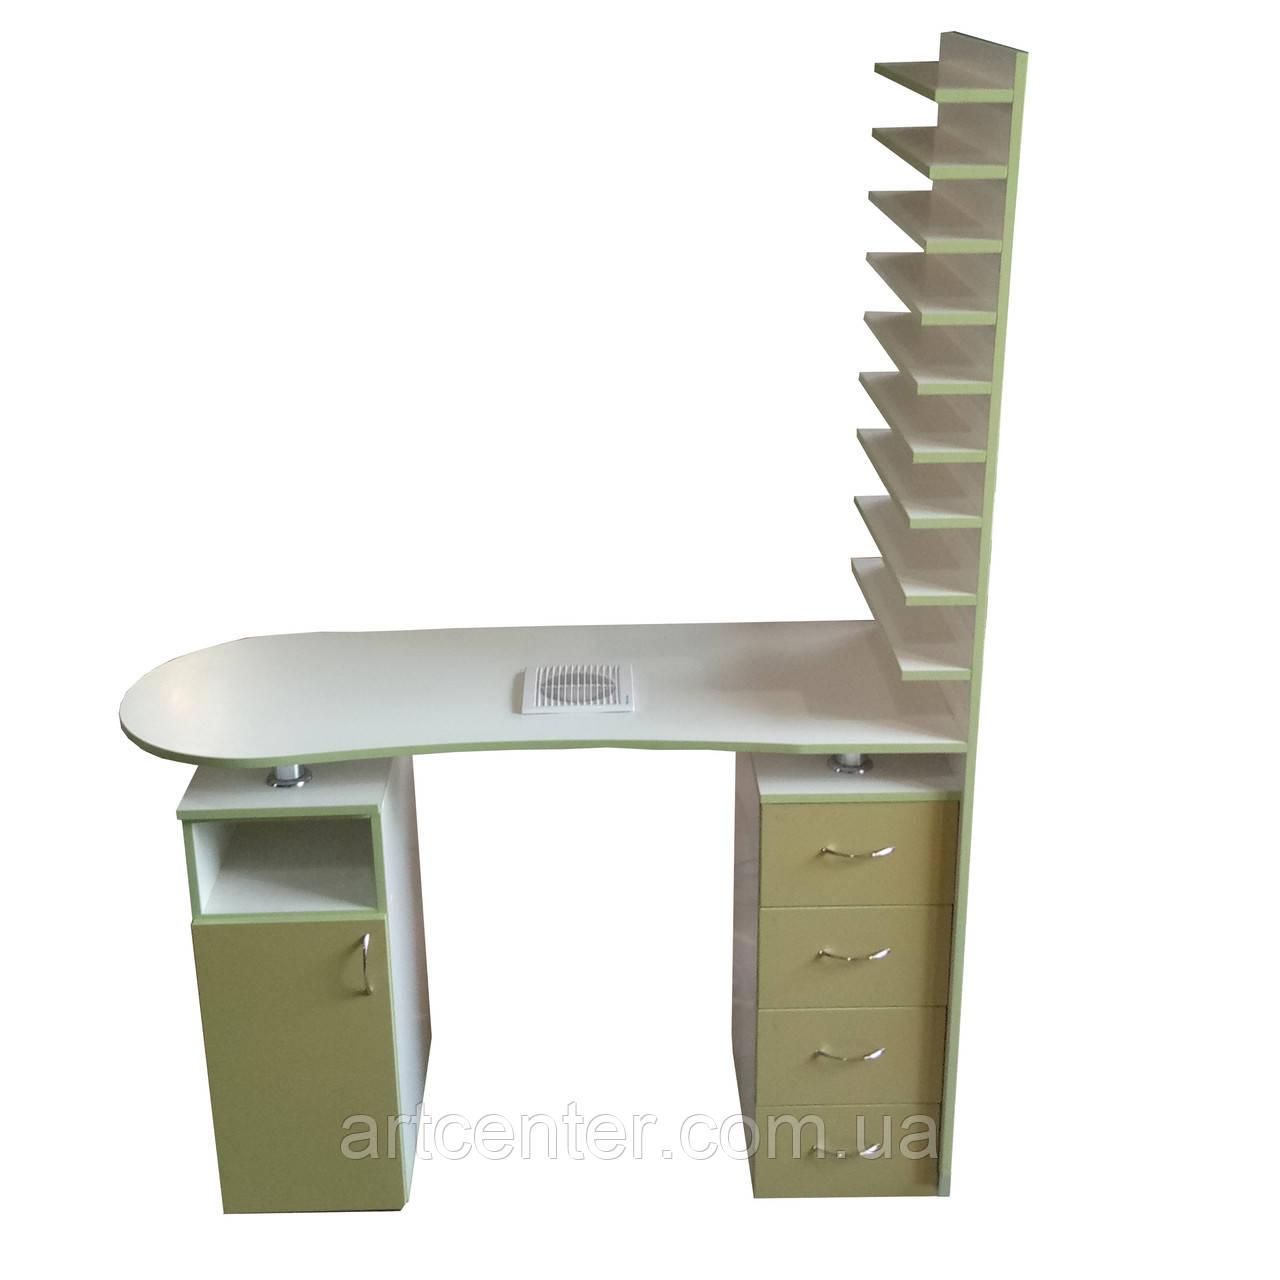 Стол для маникюра двухтумбовый с выдвижными ящиками и полкой для лаков